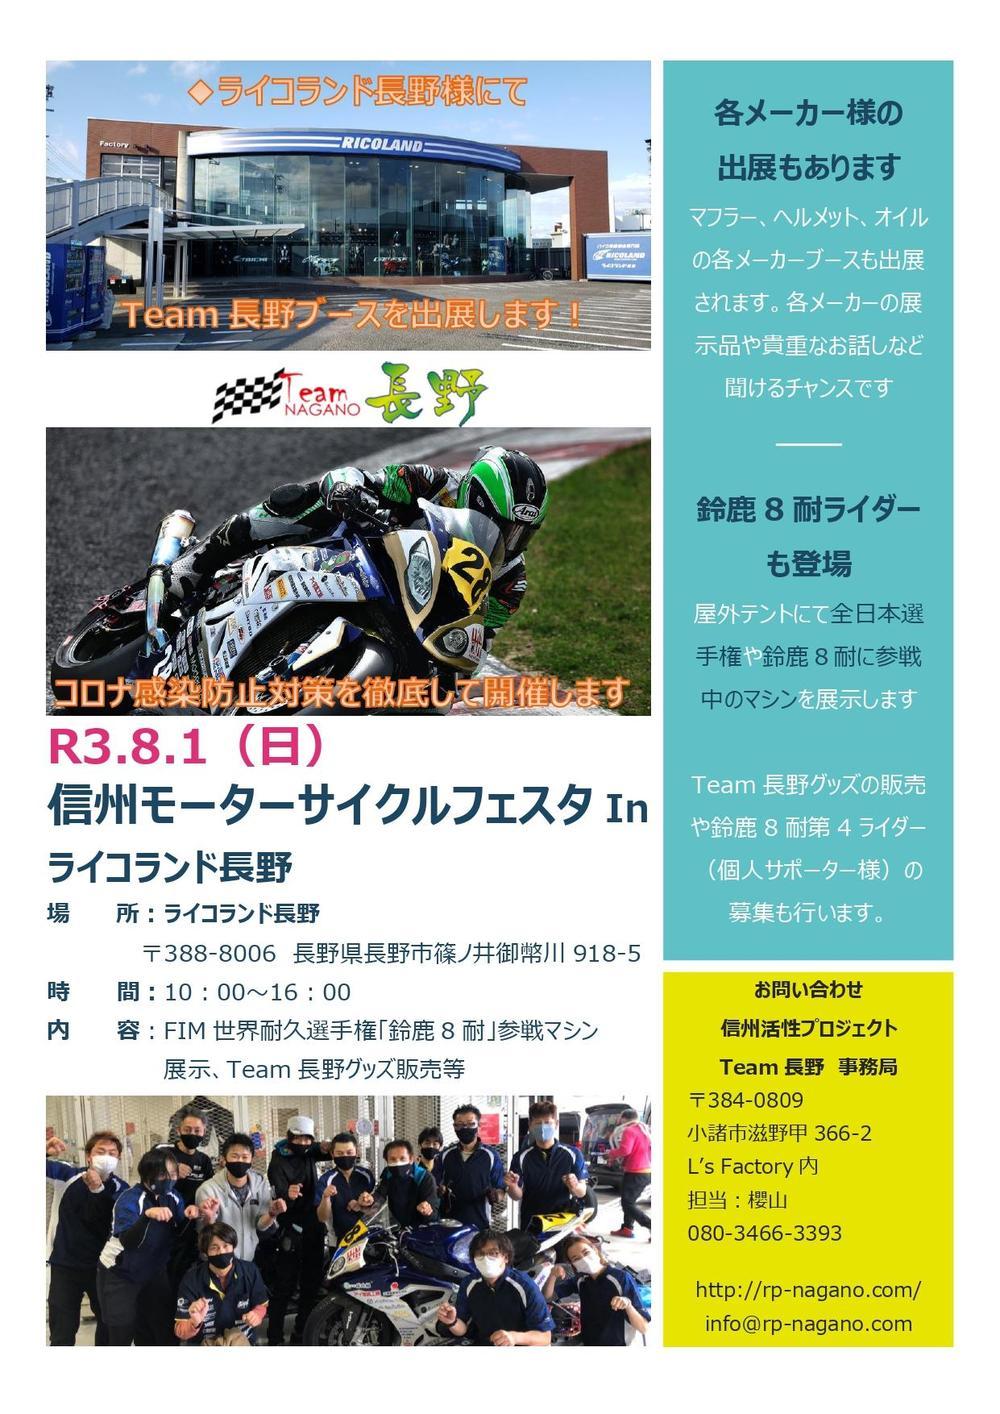 2021 信州モーターサイクルフェスタinライコランド長野様 flyer_page-0001.jpg